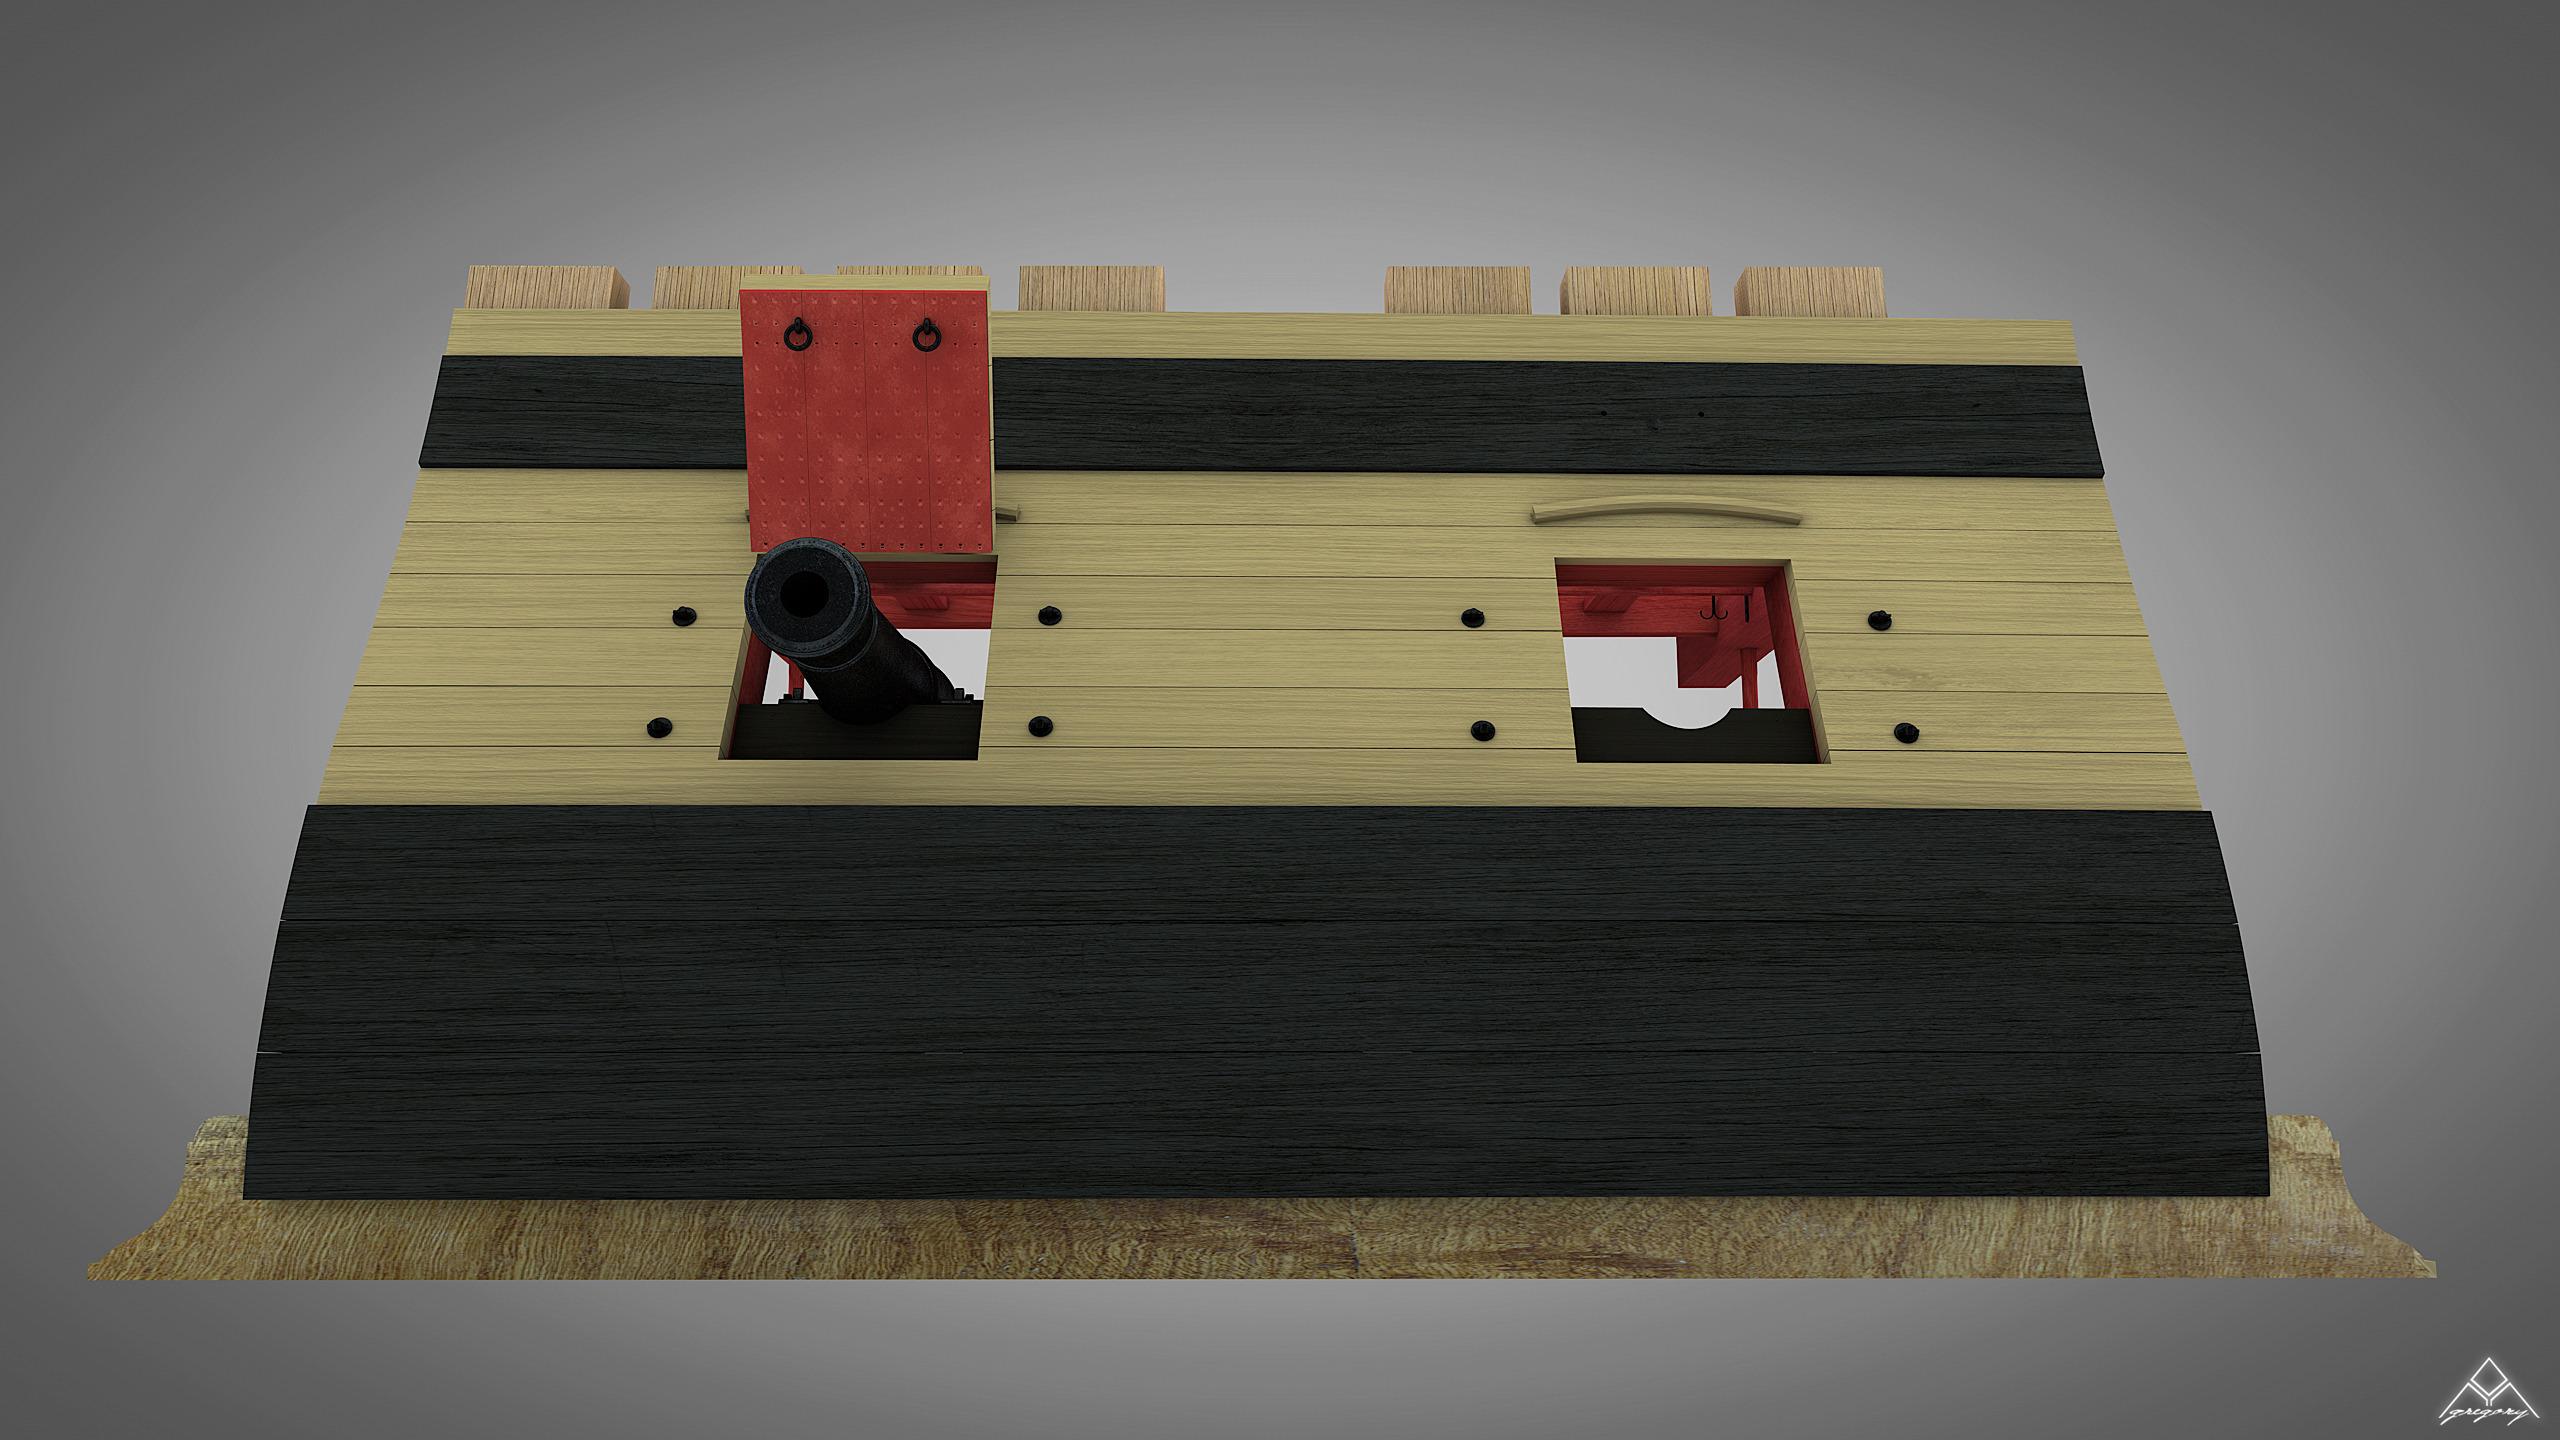 Canons de vaisseau 74 canons (Création 3D) par Greg_3D - Page 4 Rendu_46